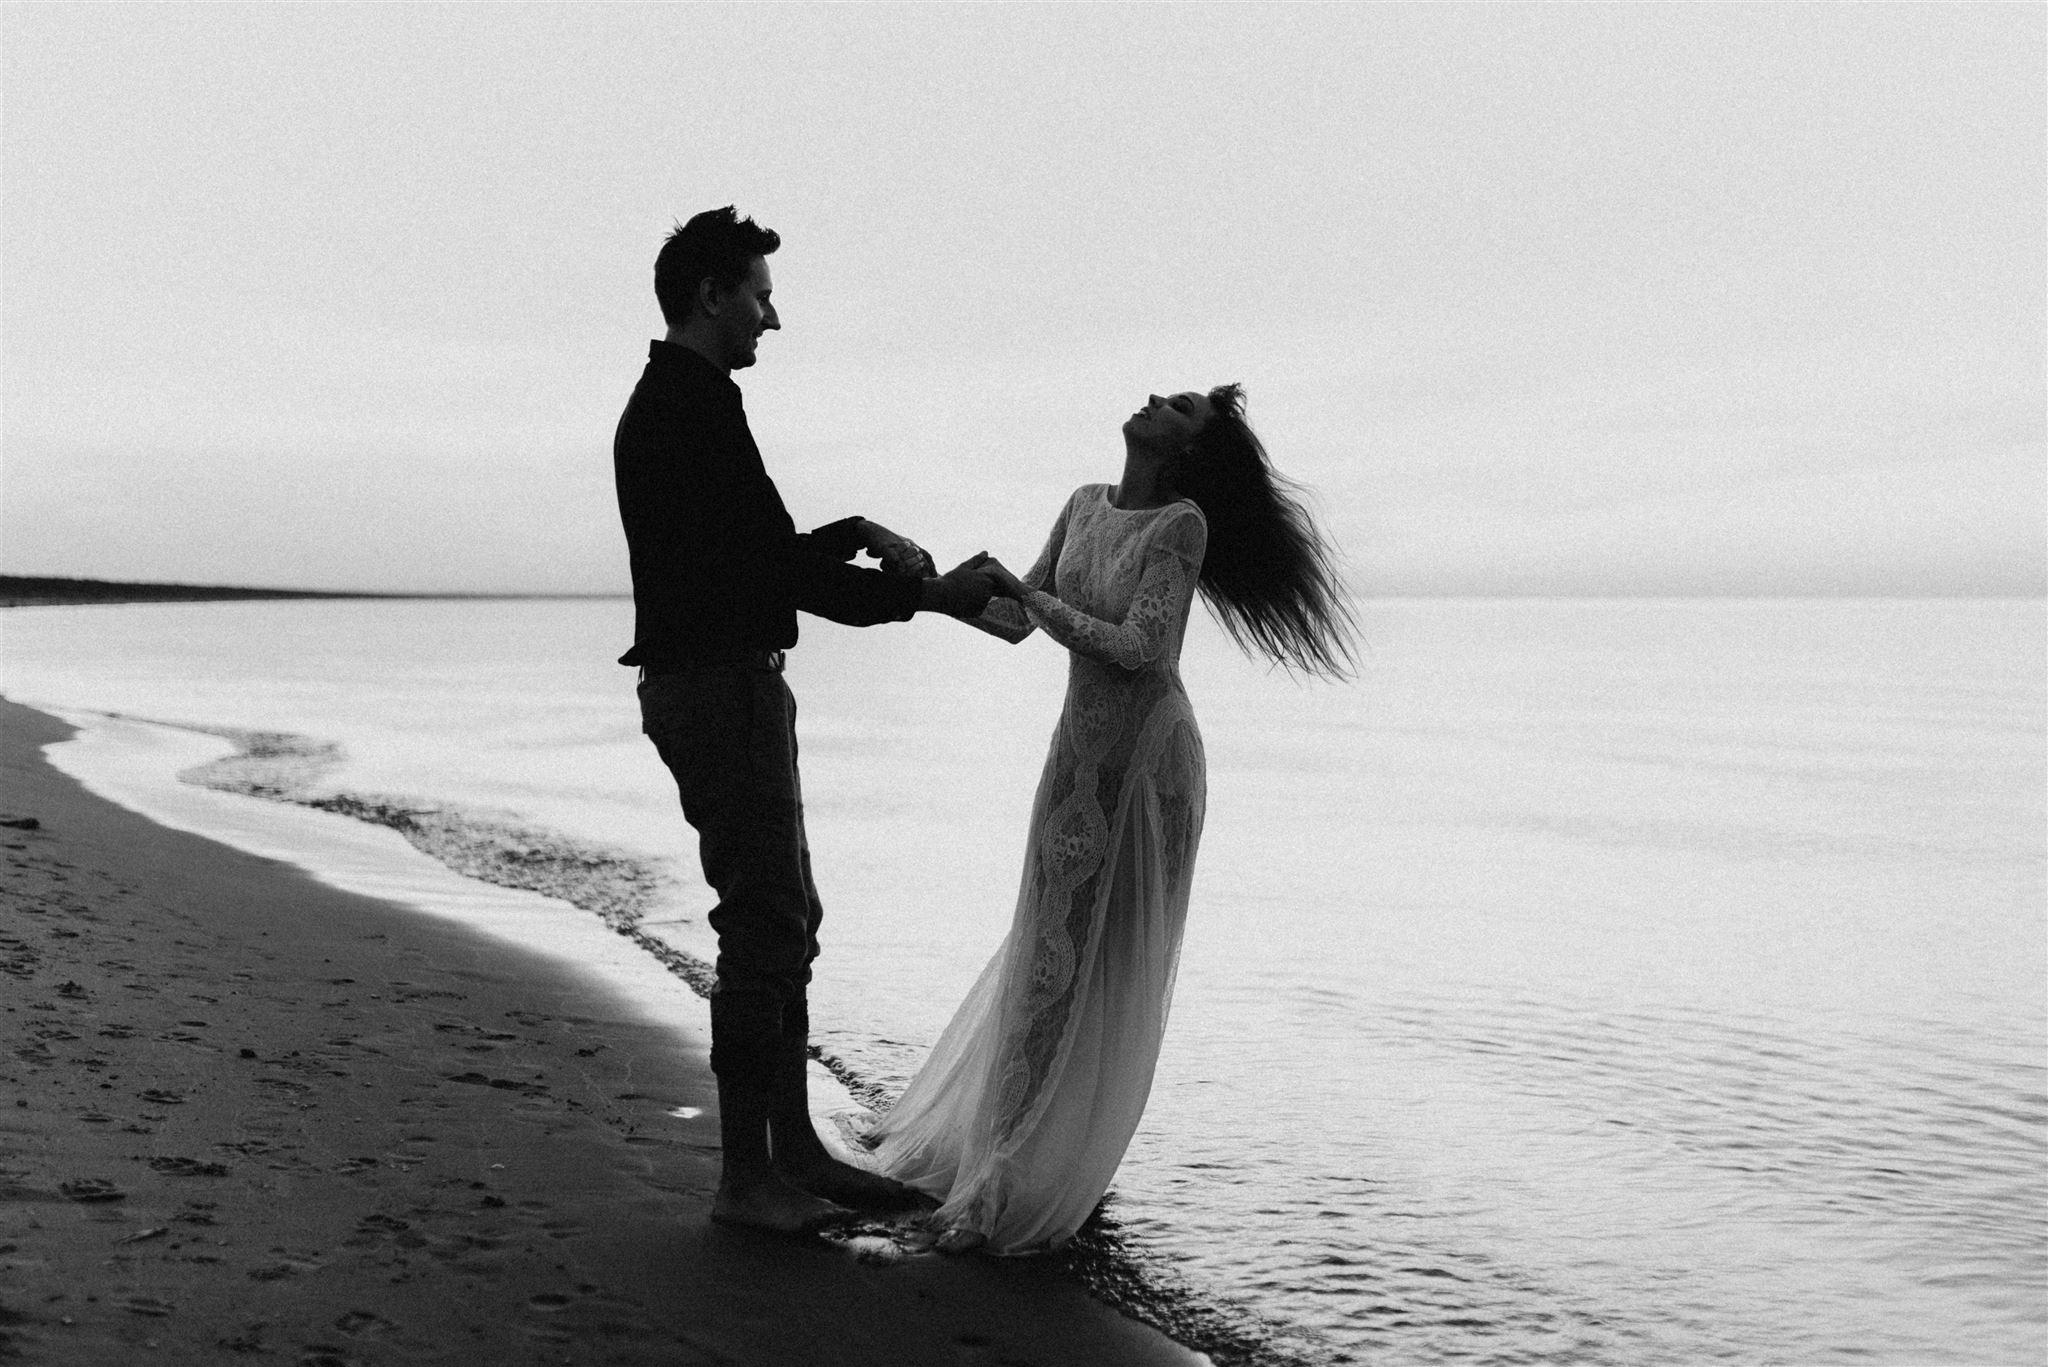 Nasza osobista sesja poślubna! 13 DSC 7057 3 websize